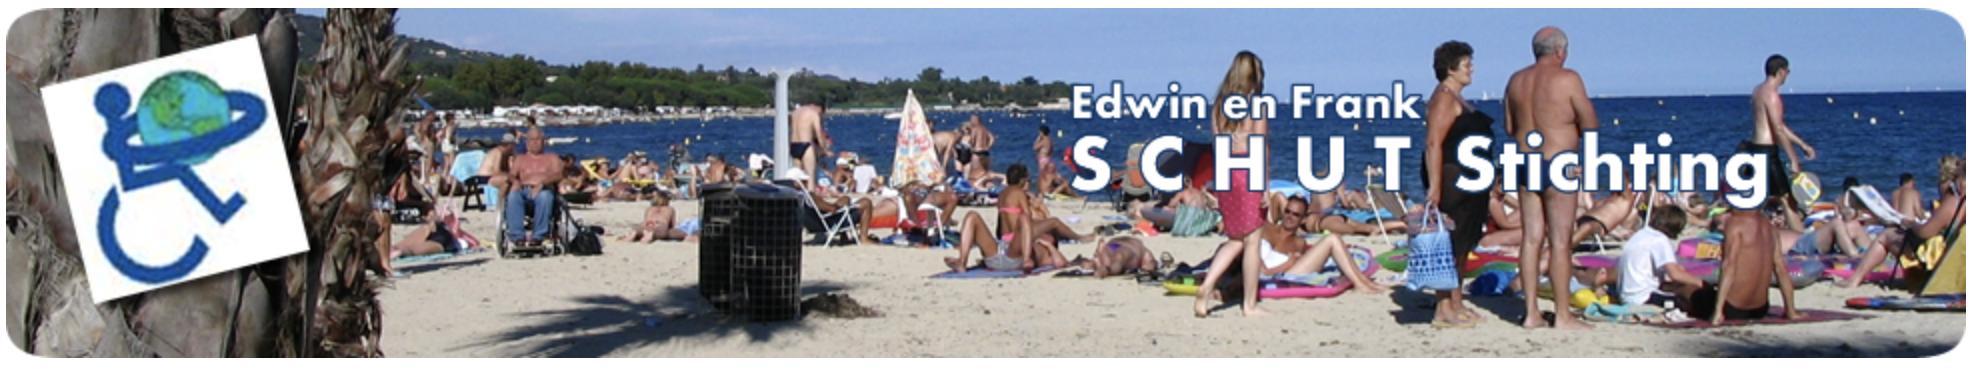 Schermafbeelding-2020-07-30-om-10.27.00 Edwin & Frank Schut Stichting